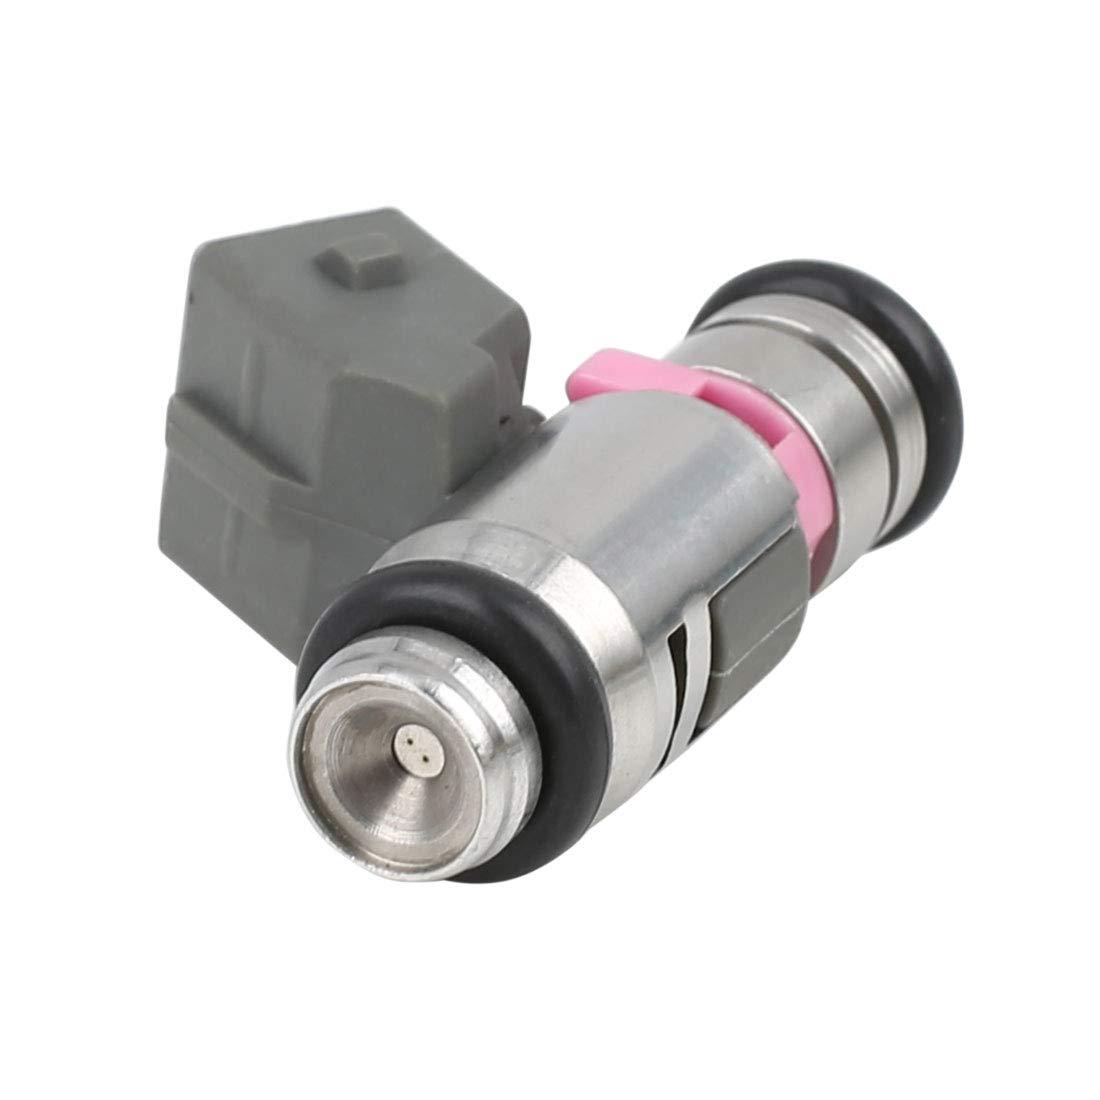 12 V, 2 Pines, 2 Agujeros Sourcingmap IWP099 Inyector de Combustible de Gasolina Color Plateado